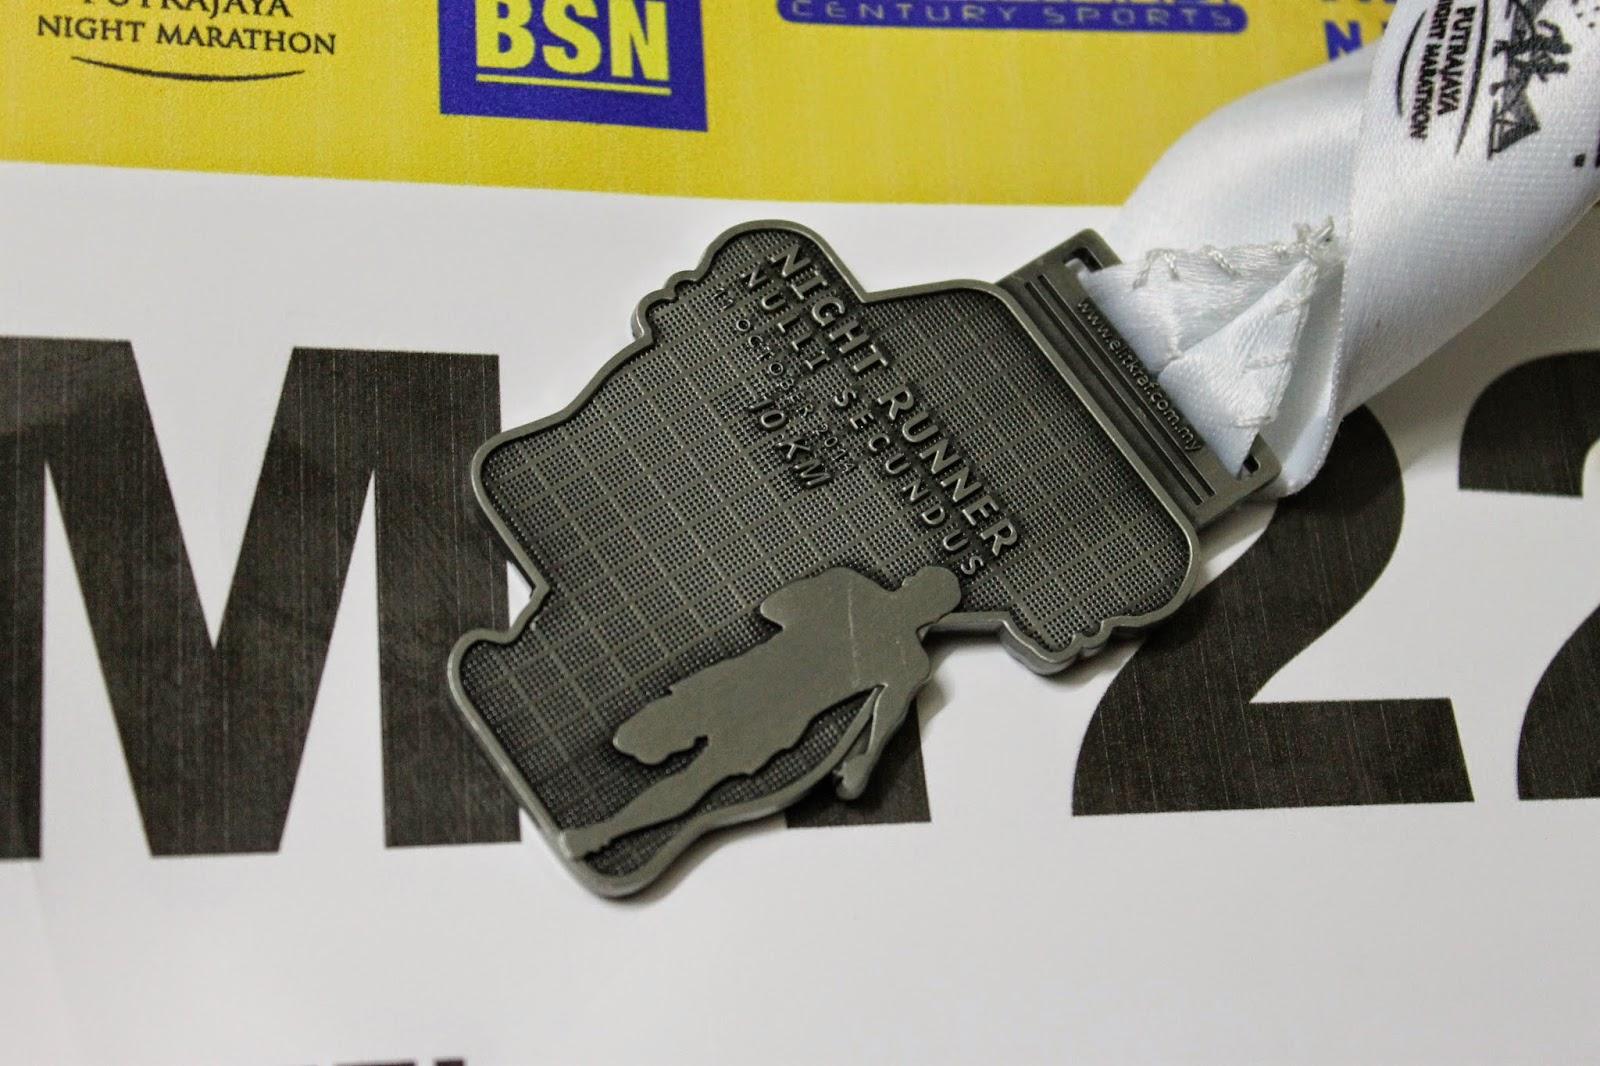 BSN Putrajaya Night Marathon 2014